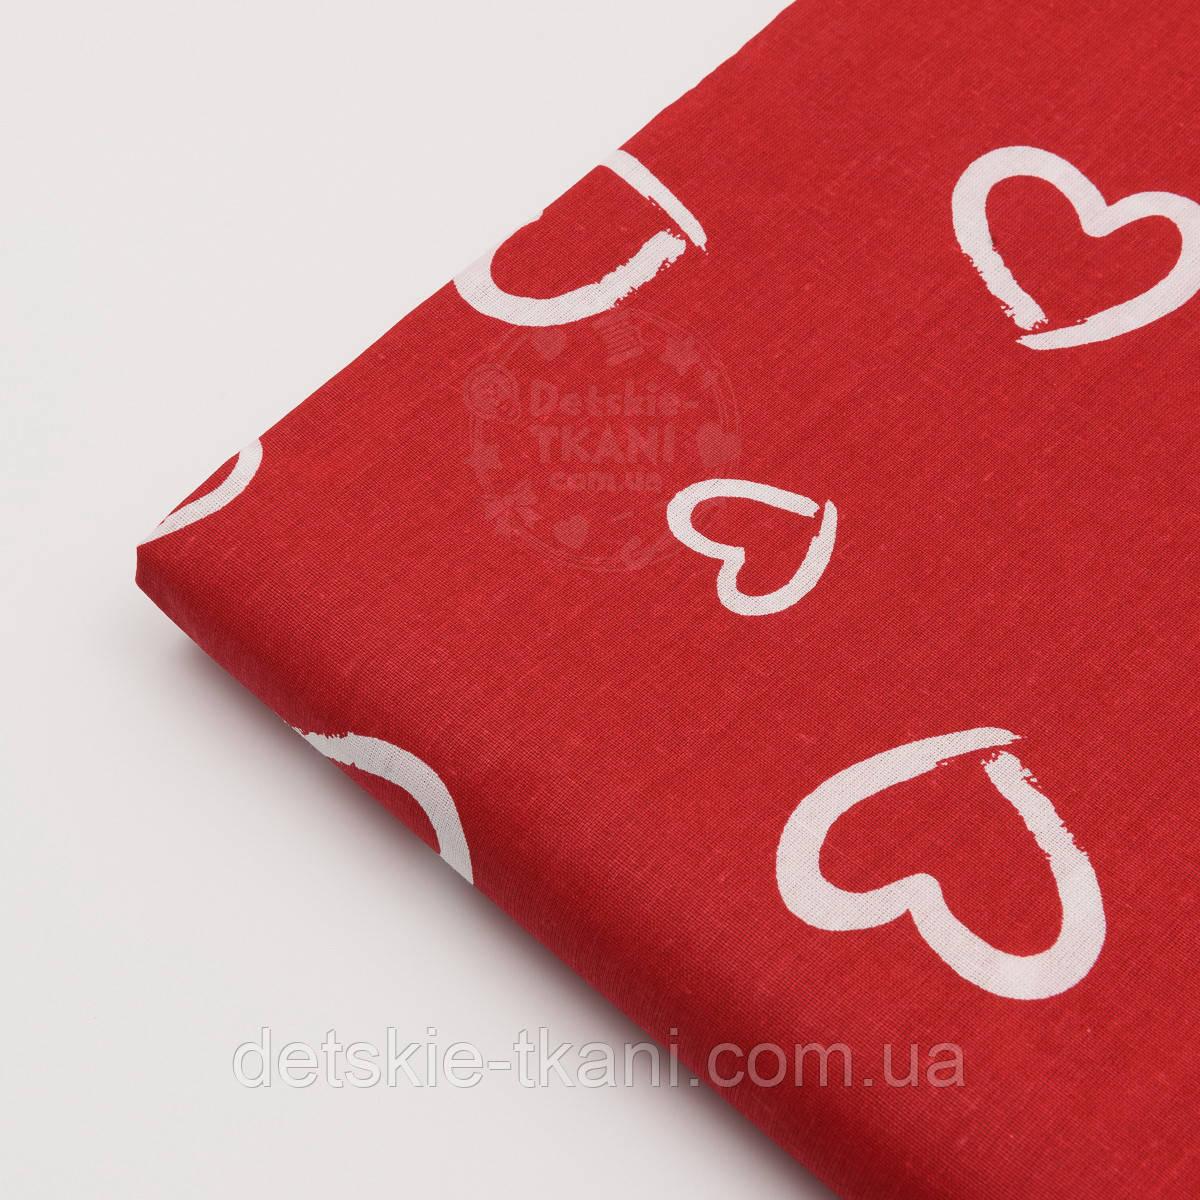 Лоскут ткани №176  красного  цвета с изображением сердечек-валентинок белого цвета, размер 19*160 см